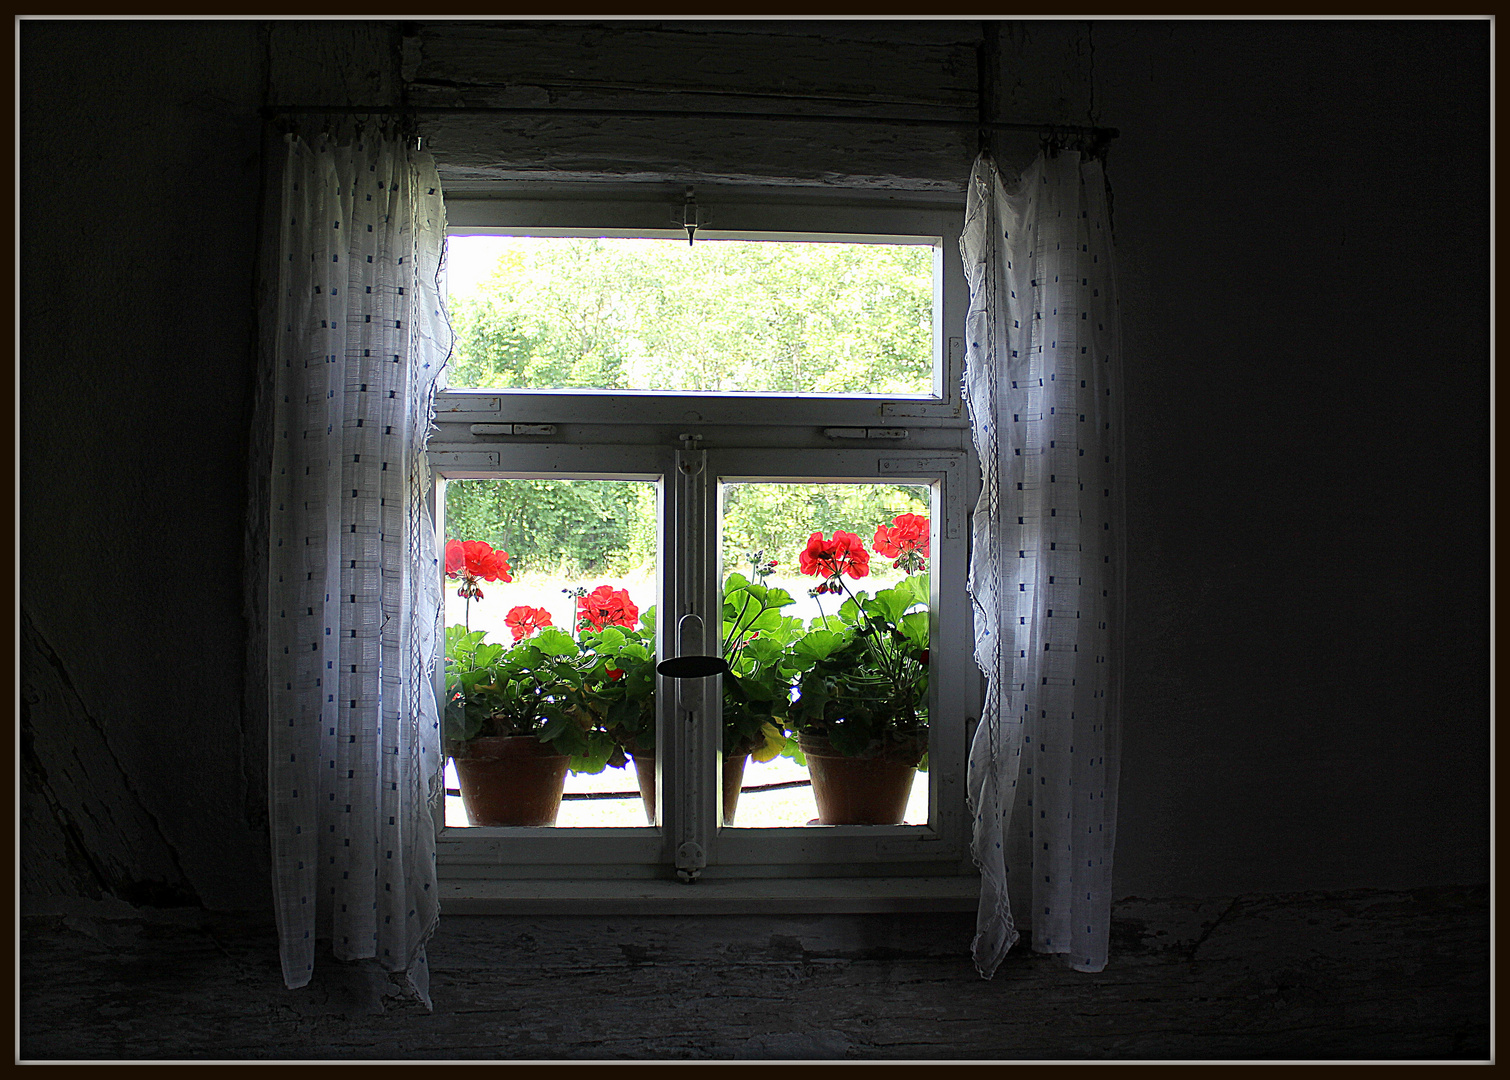 Romantisches Fenster